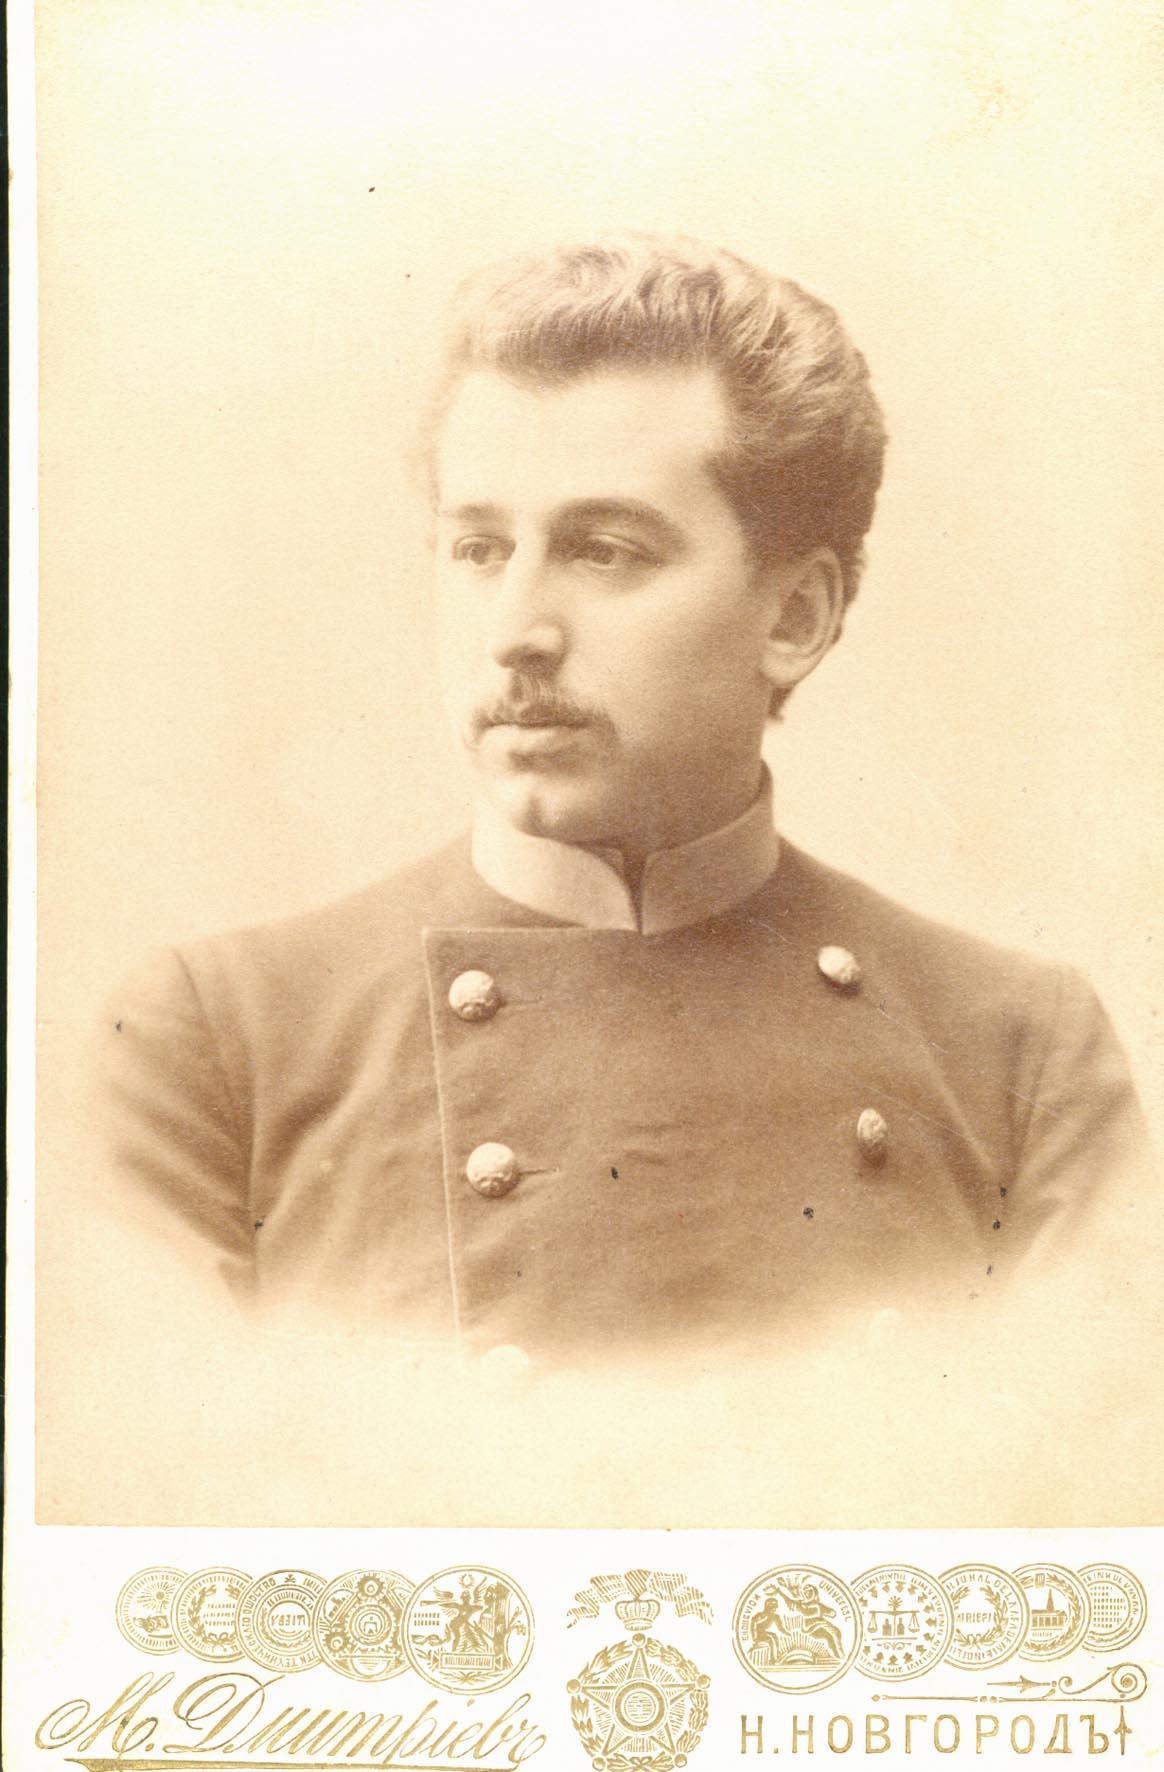 Портрет Николая Филипповича Городецкого (брат Анны Филипповны Дмитриевой)